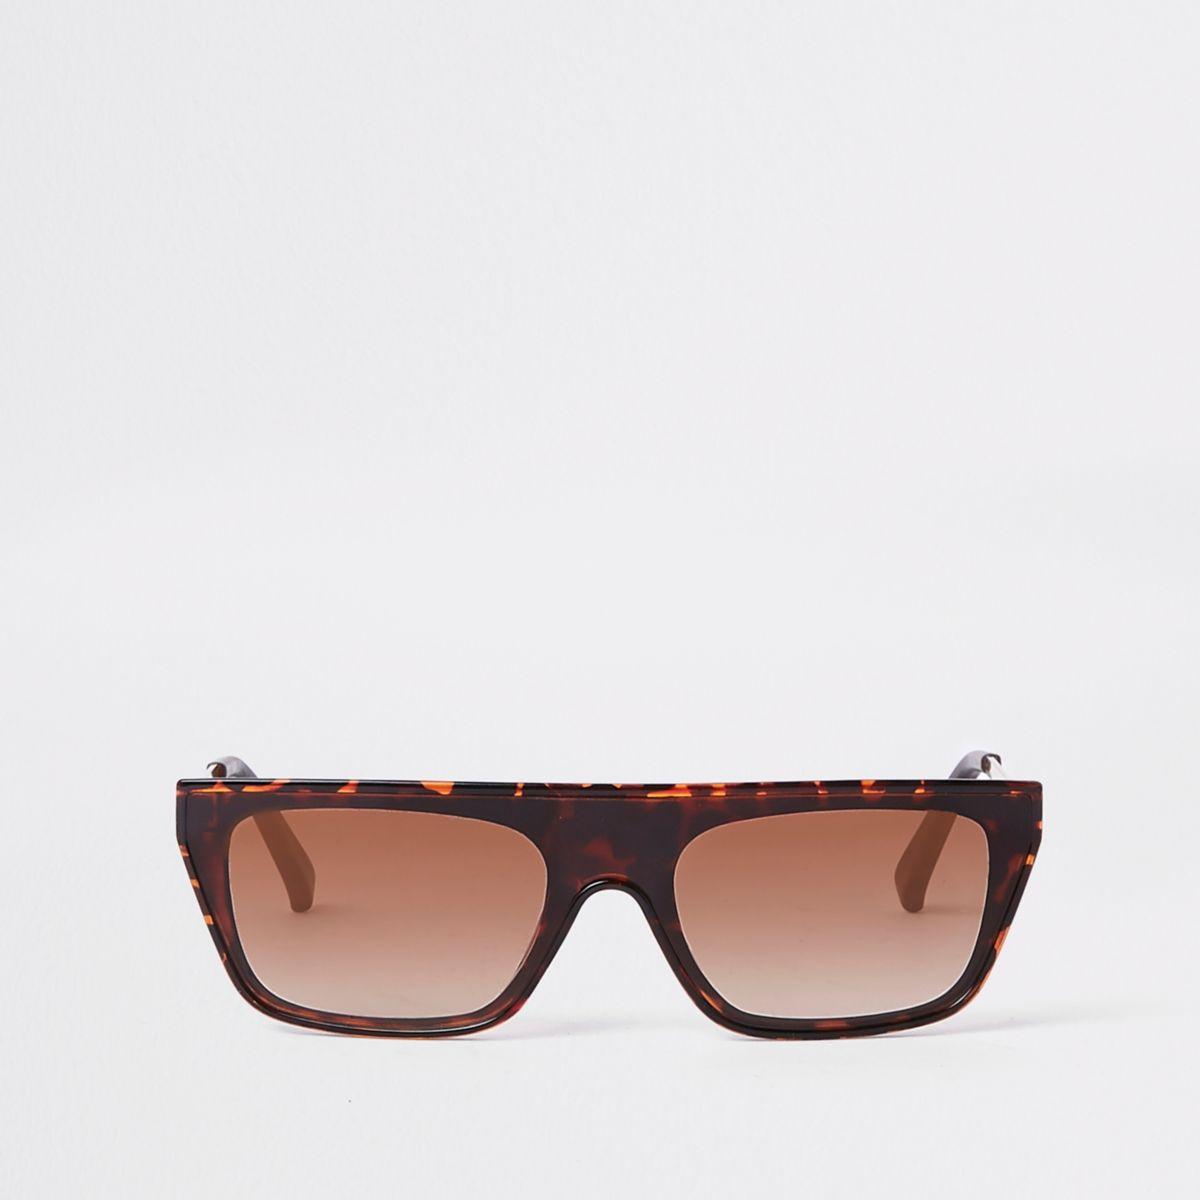 Brown print flat top sunglasses